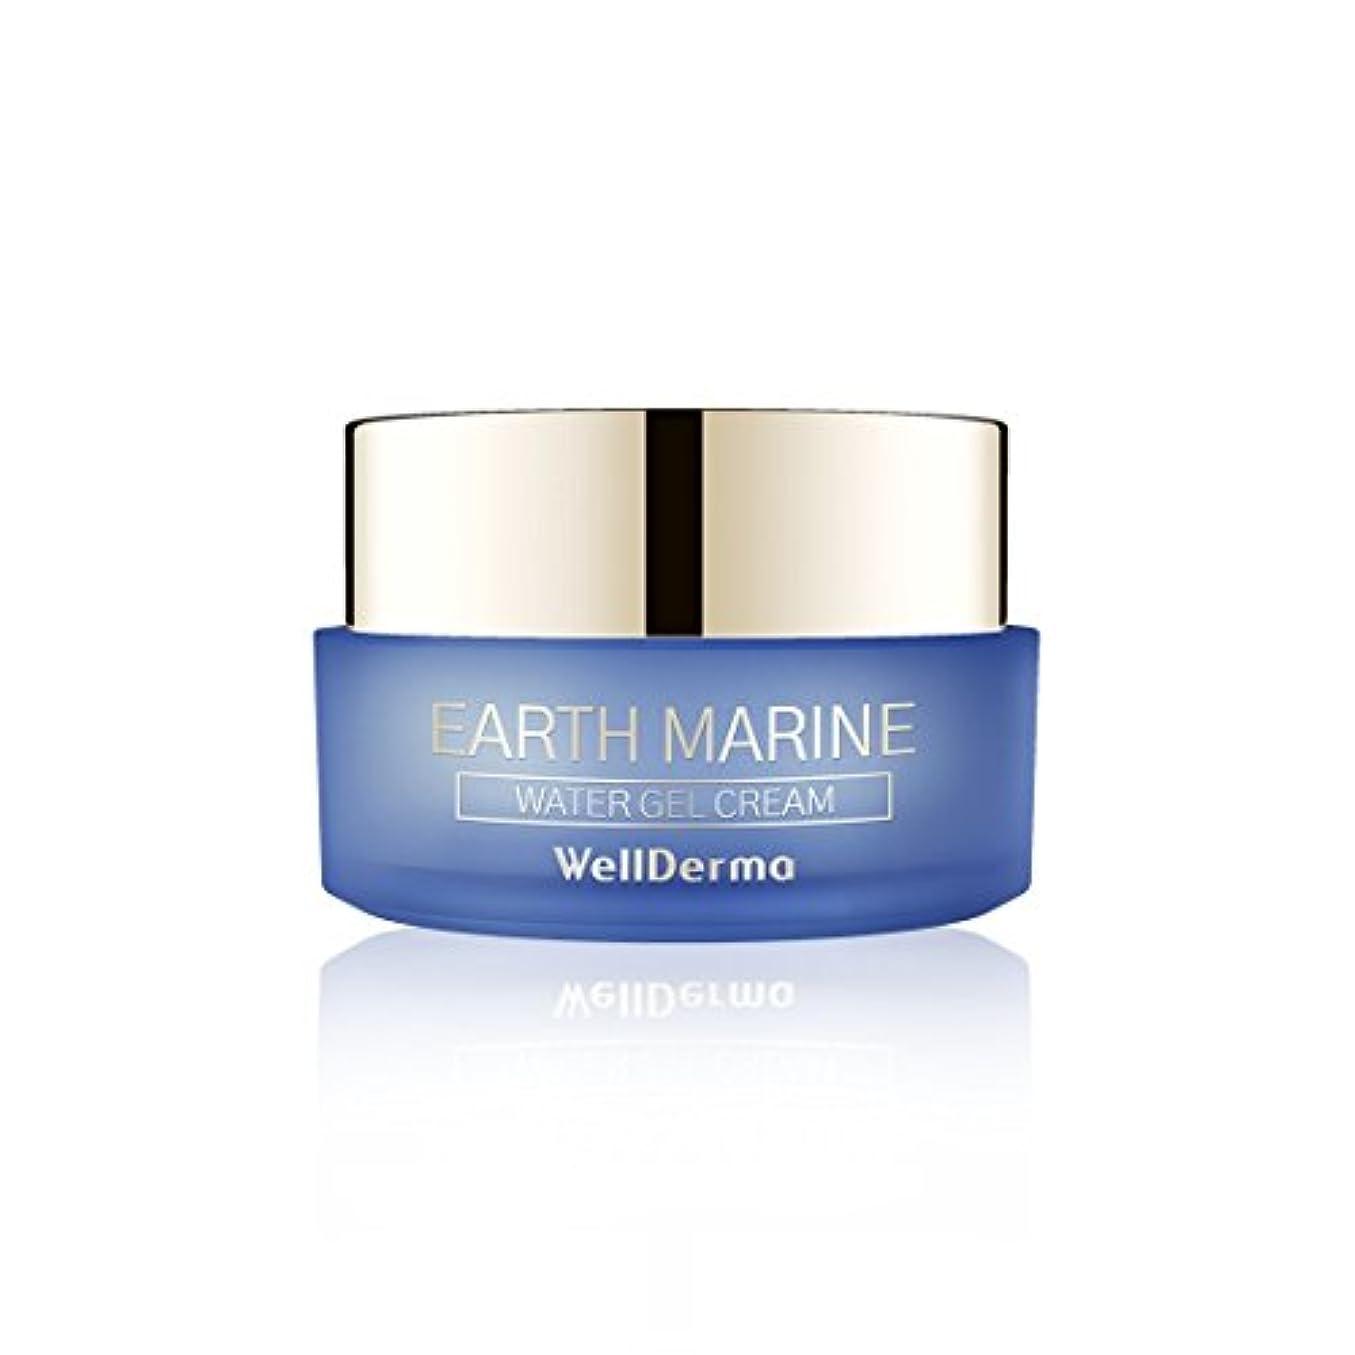 ブラウスカロリー必需品WellDerma アースマリン ウォーター ジェルクリーム / Earth Marine Water Gel Cream (50ml) [並行輸入品]